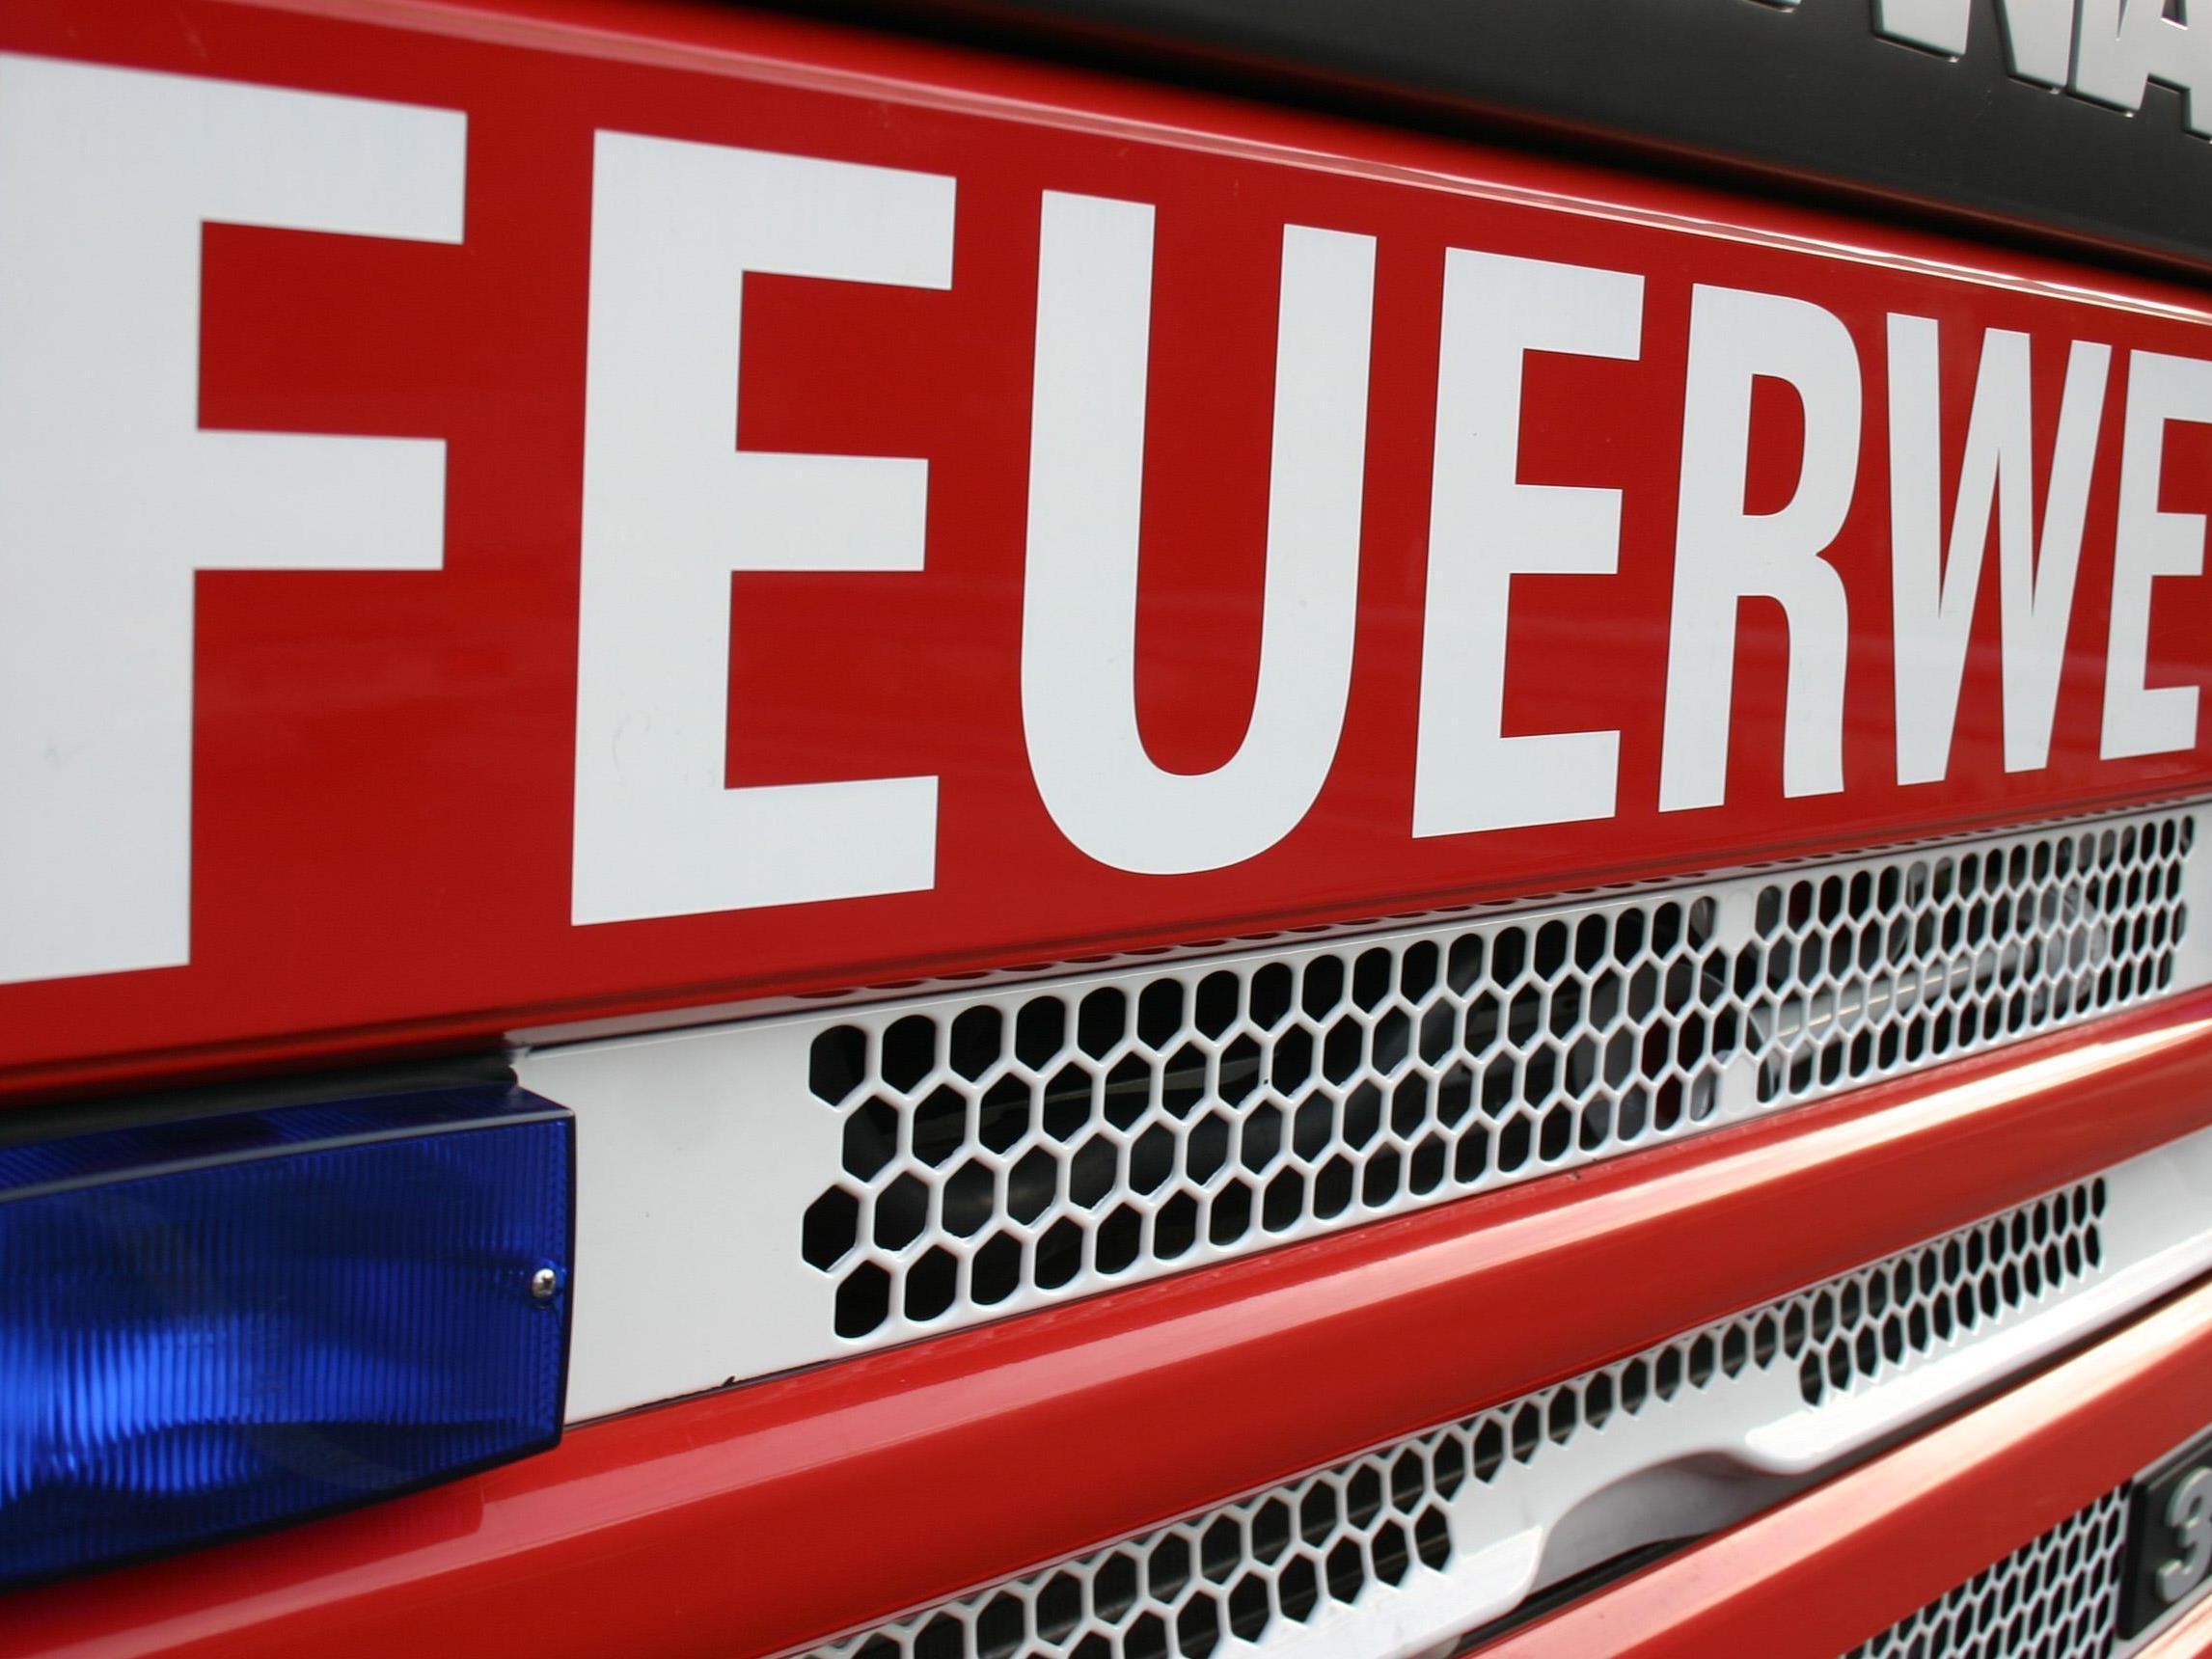 Eine defekte Gastherme sorgte für einen Feuerwehreinsatz in Bregenz.